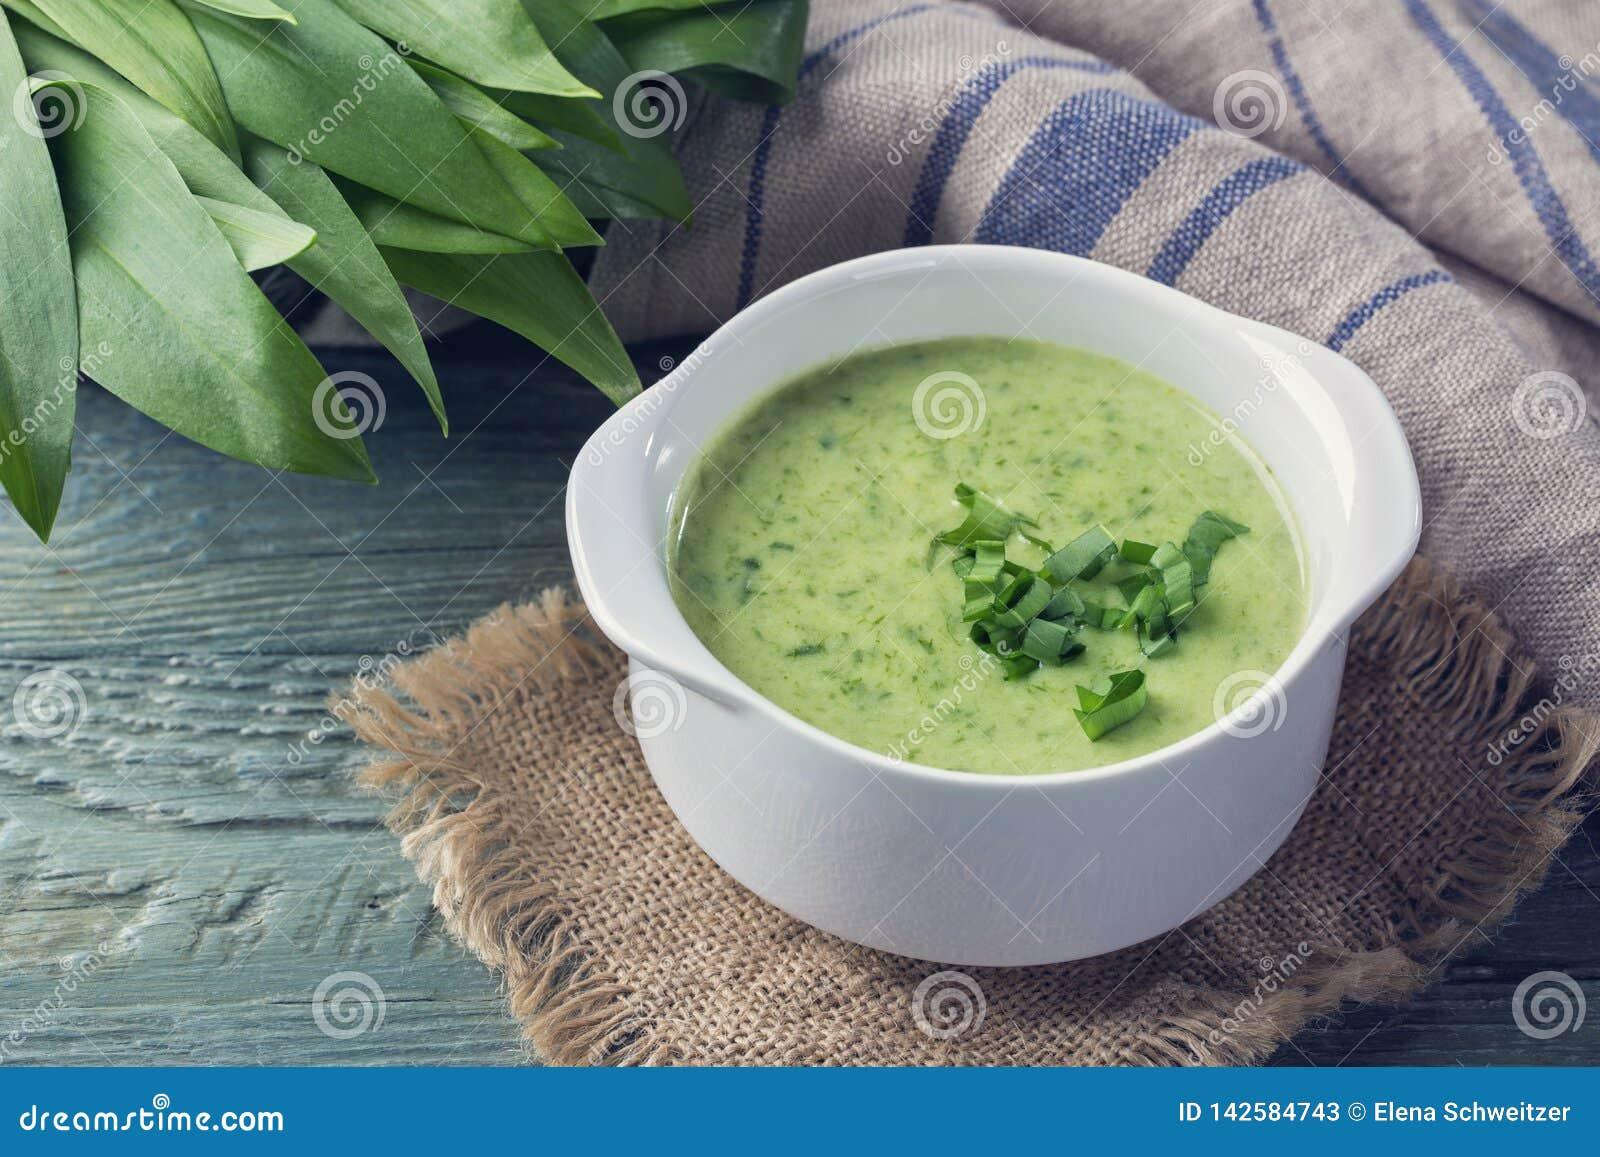 Ramsons cream soup